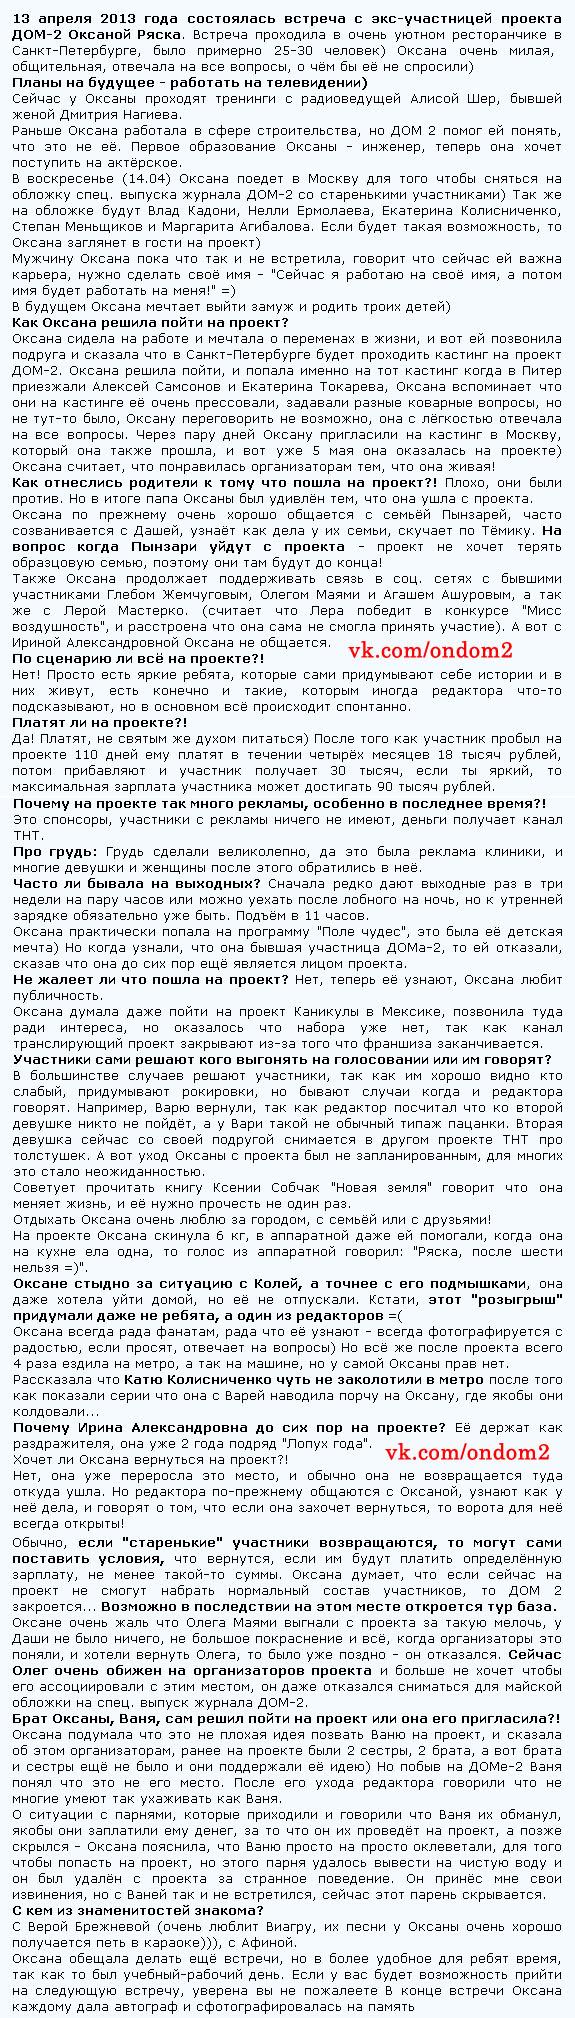 Интервью Оксаны Ряска